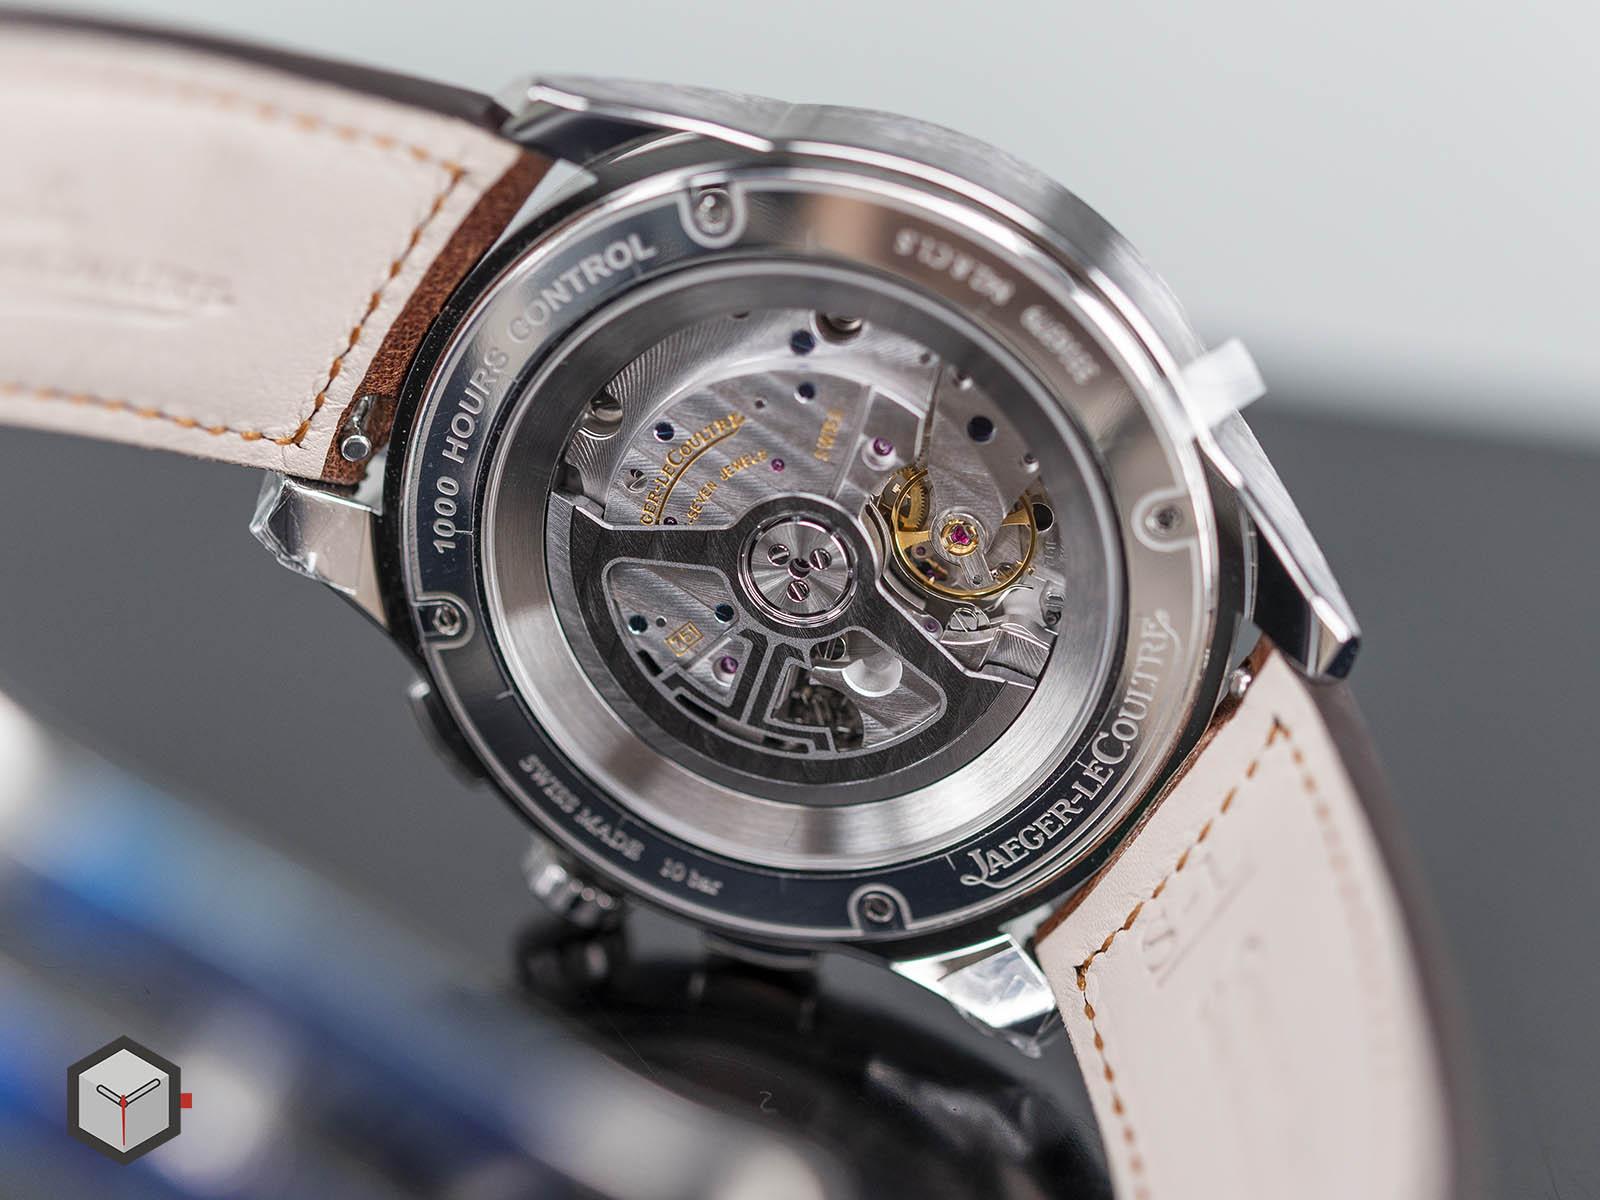 9028471-jaeger-lecoultre-polaris-chronograph-stainless-steel-8.jpg